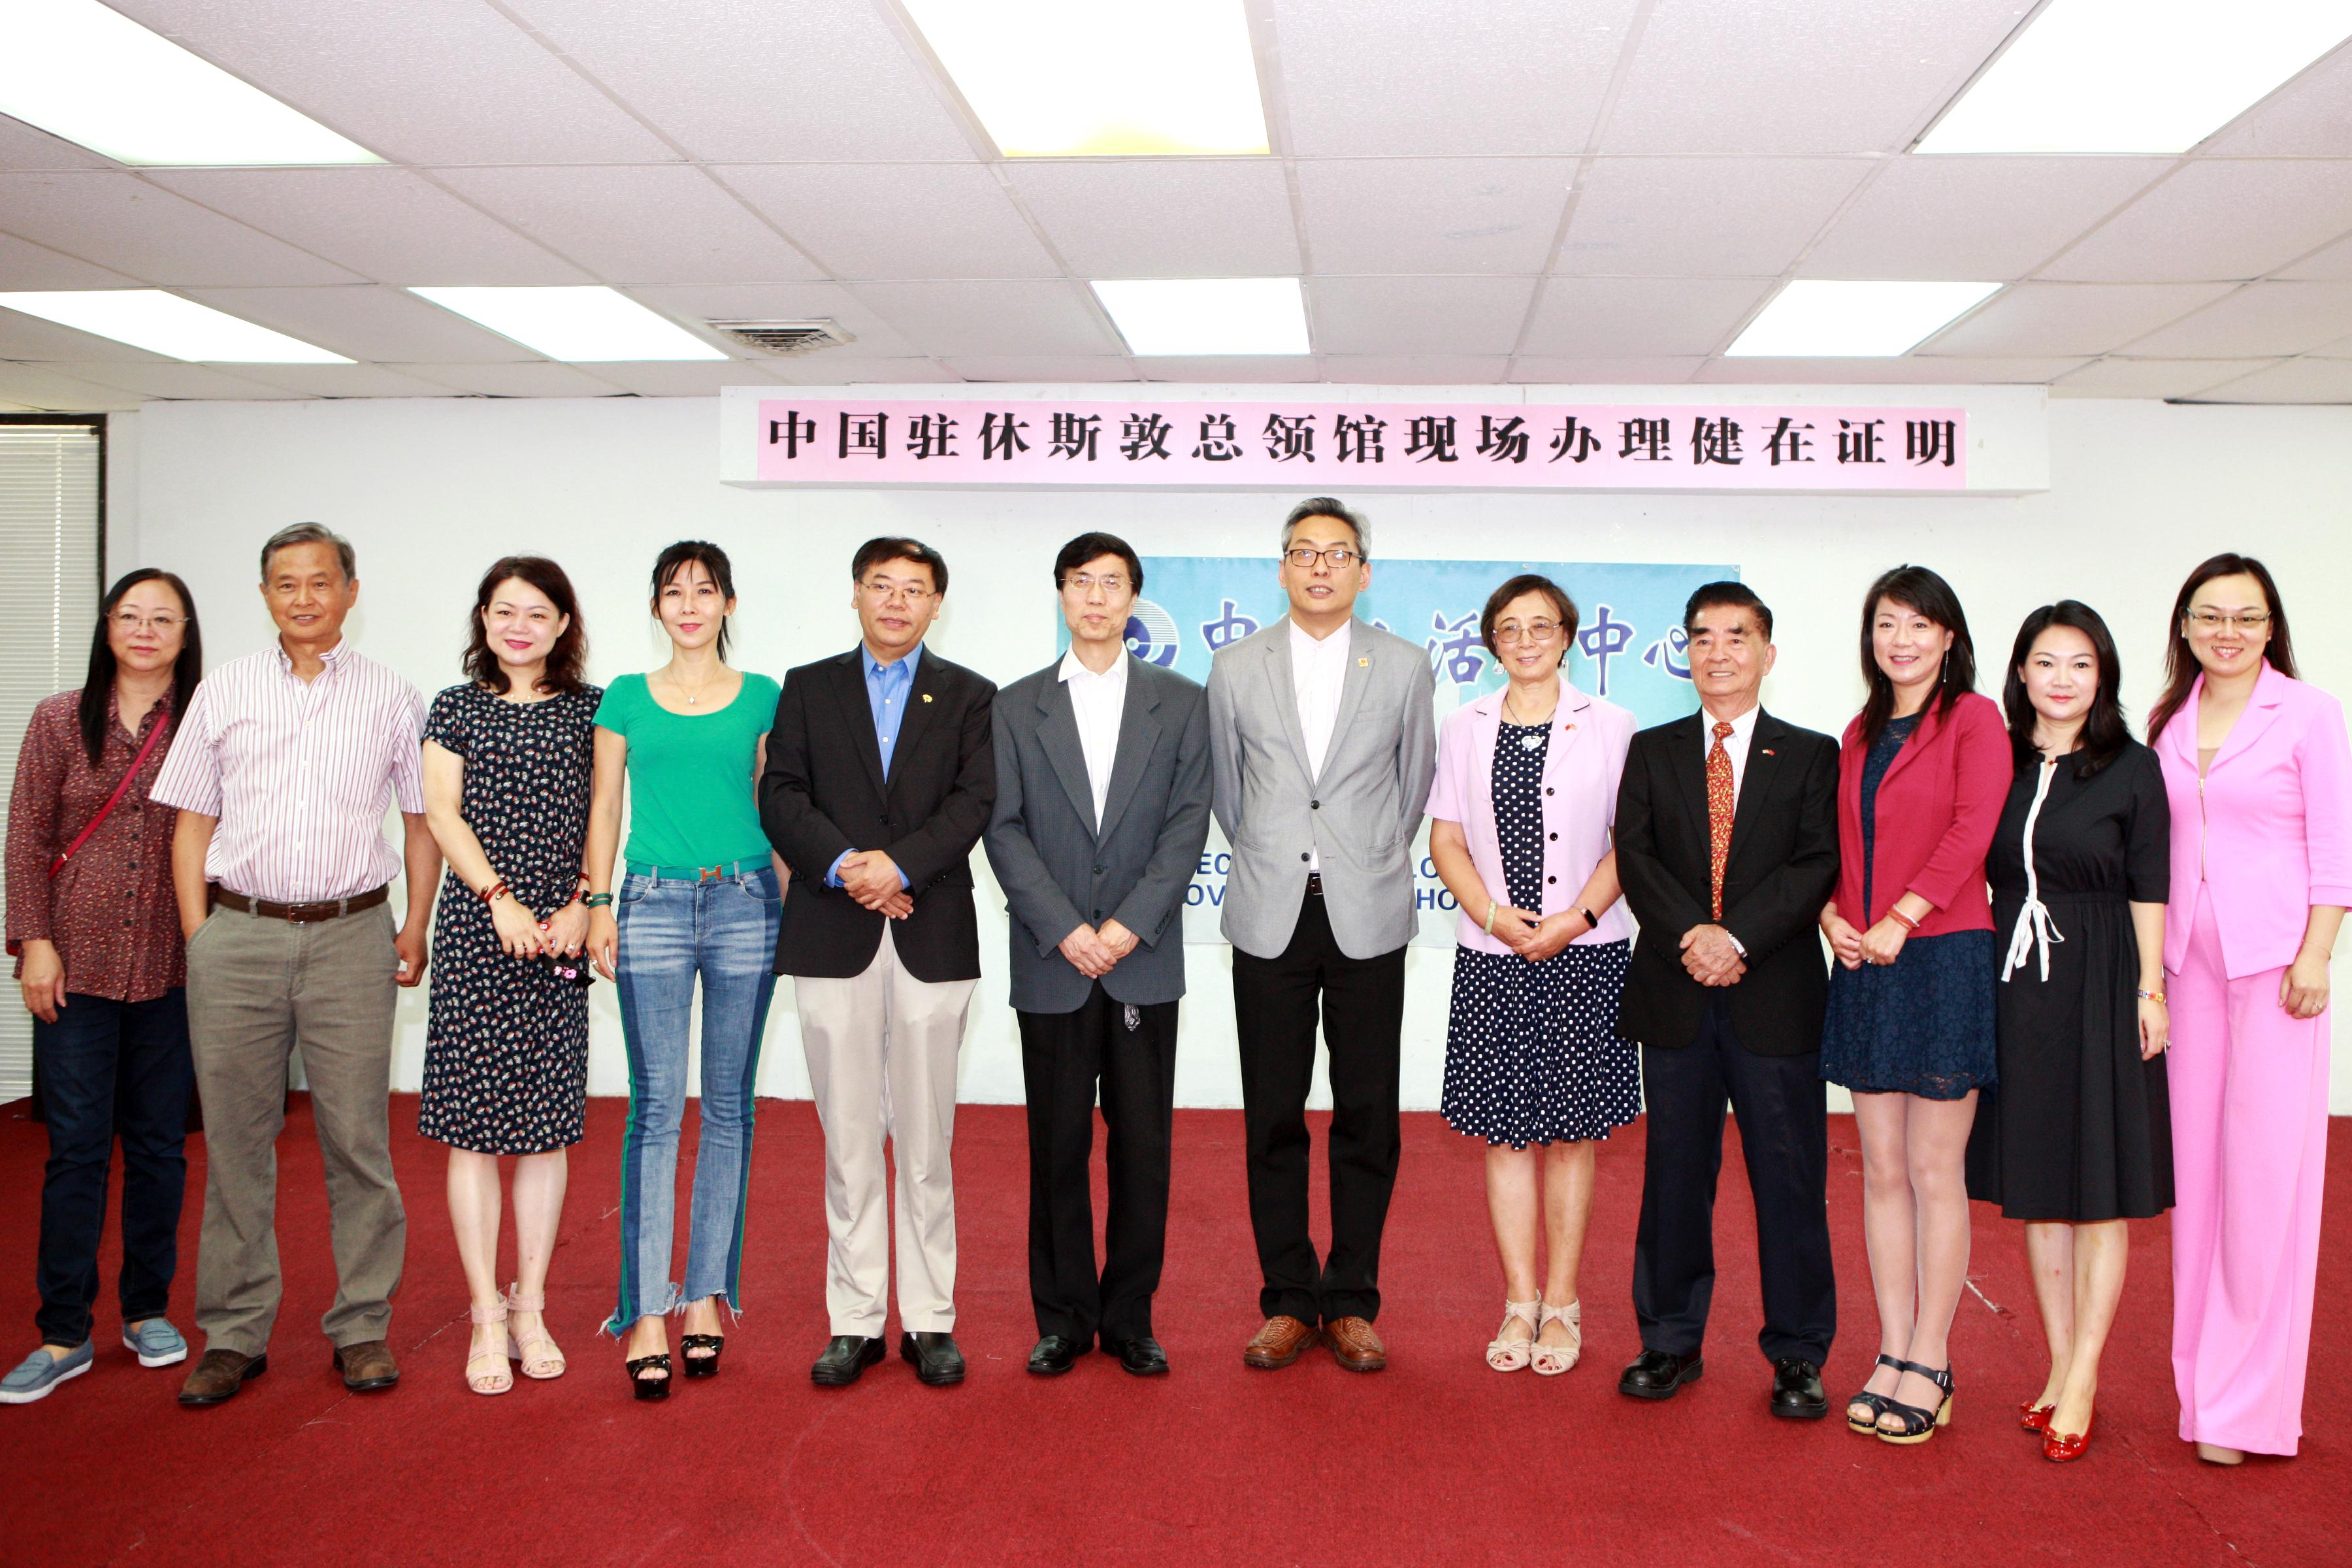 蔡偉總領事(右六)與中國人活動中心的相關人員及志願者合影。(記者賈忠/攝影)